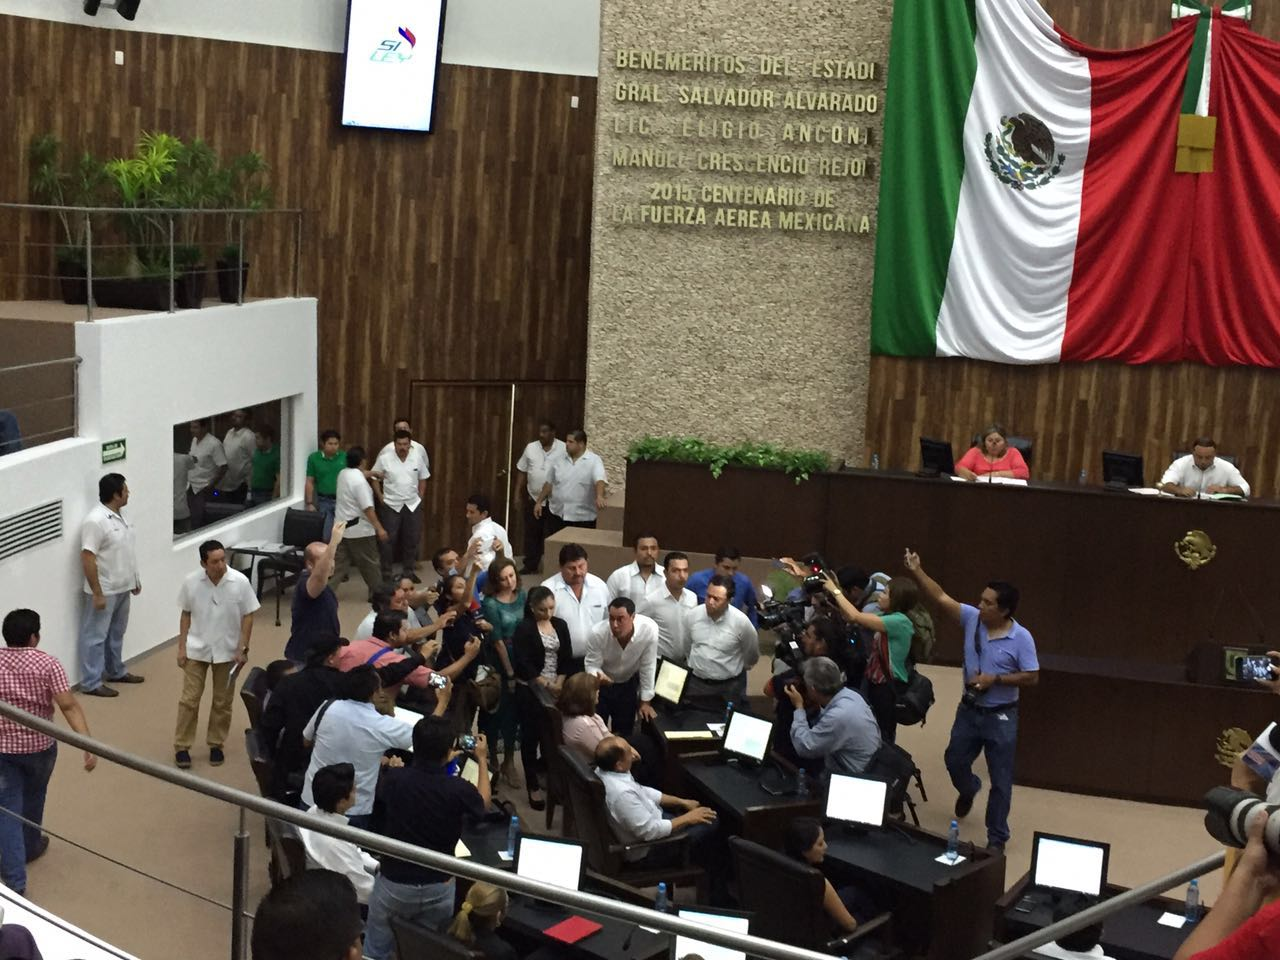 Ebulle Congreso de Yucatán por Ley Uber